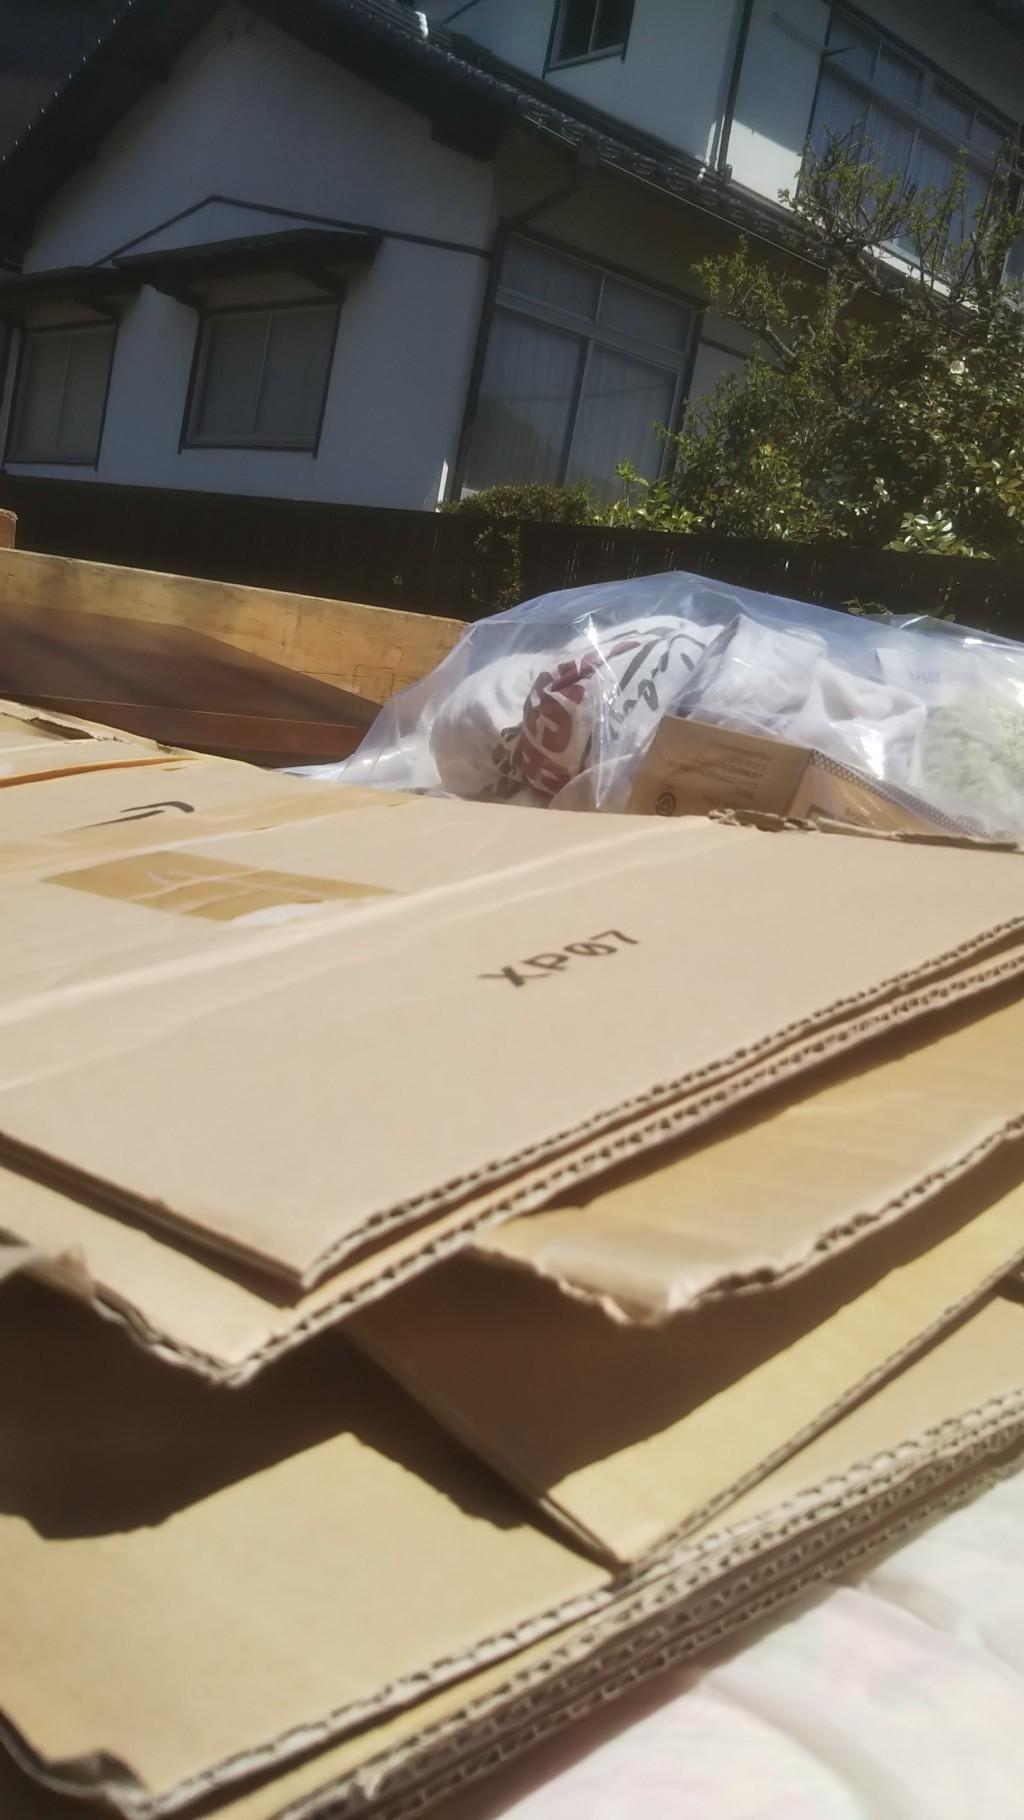 【島根県美郷町】家具や家庭ごみなどの回収・処分のご依頼 お客様の声